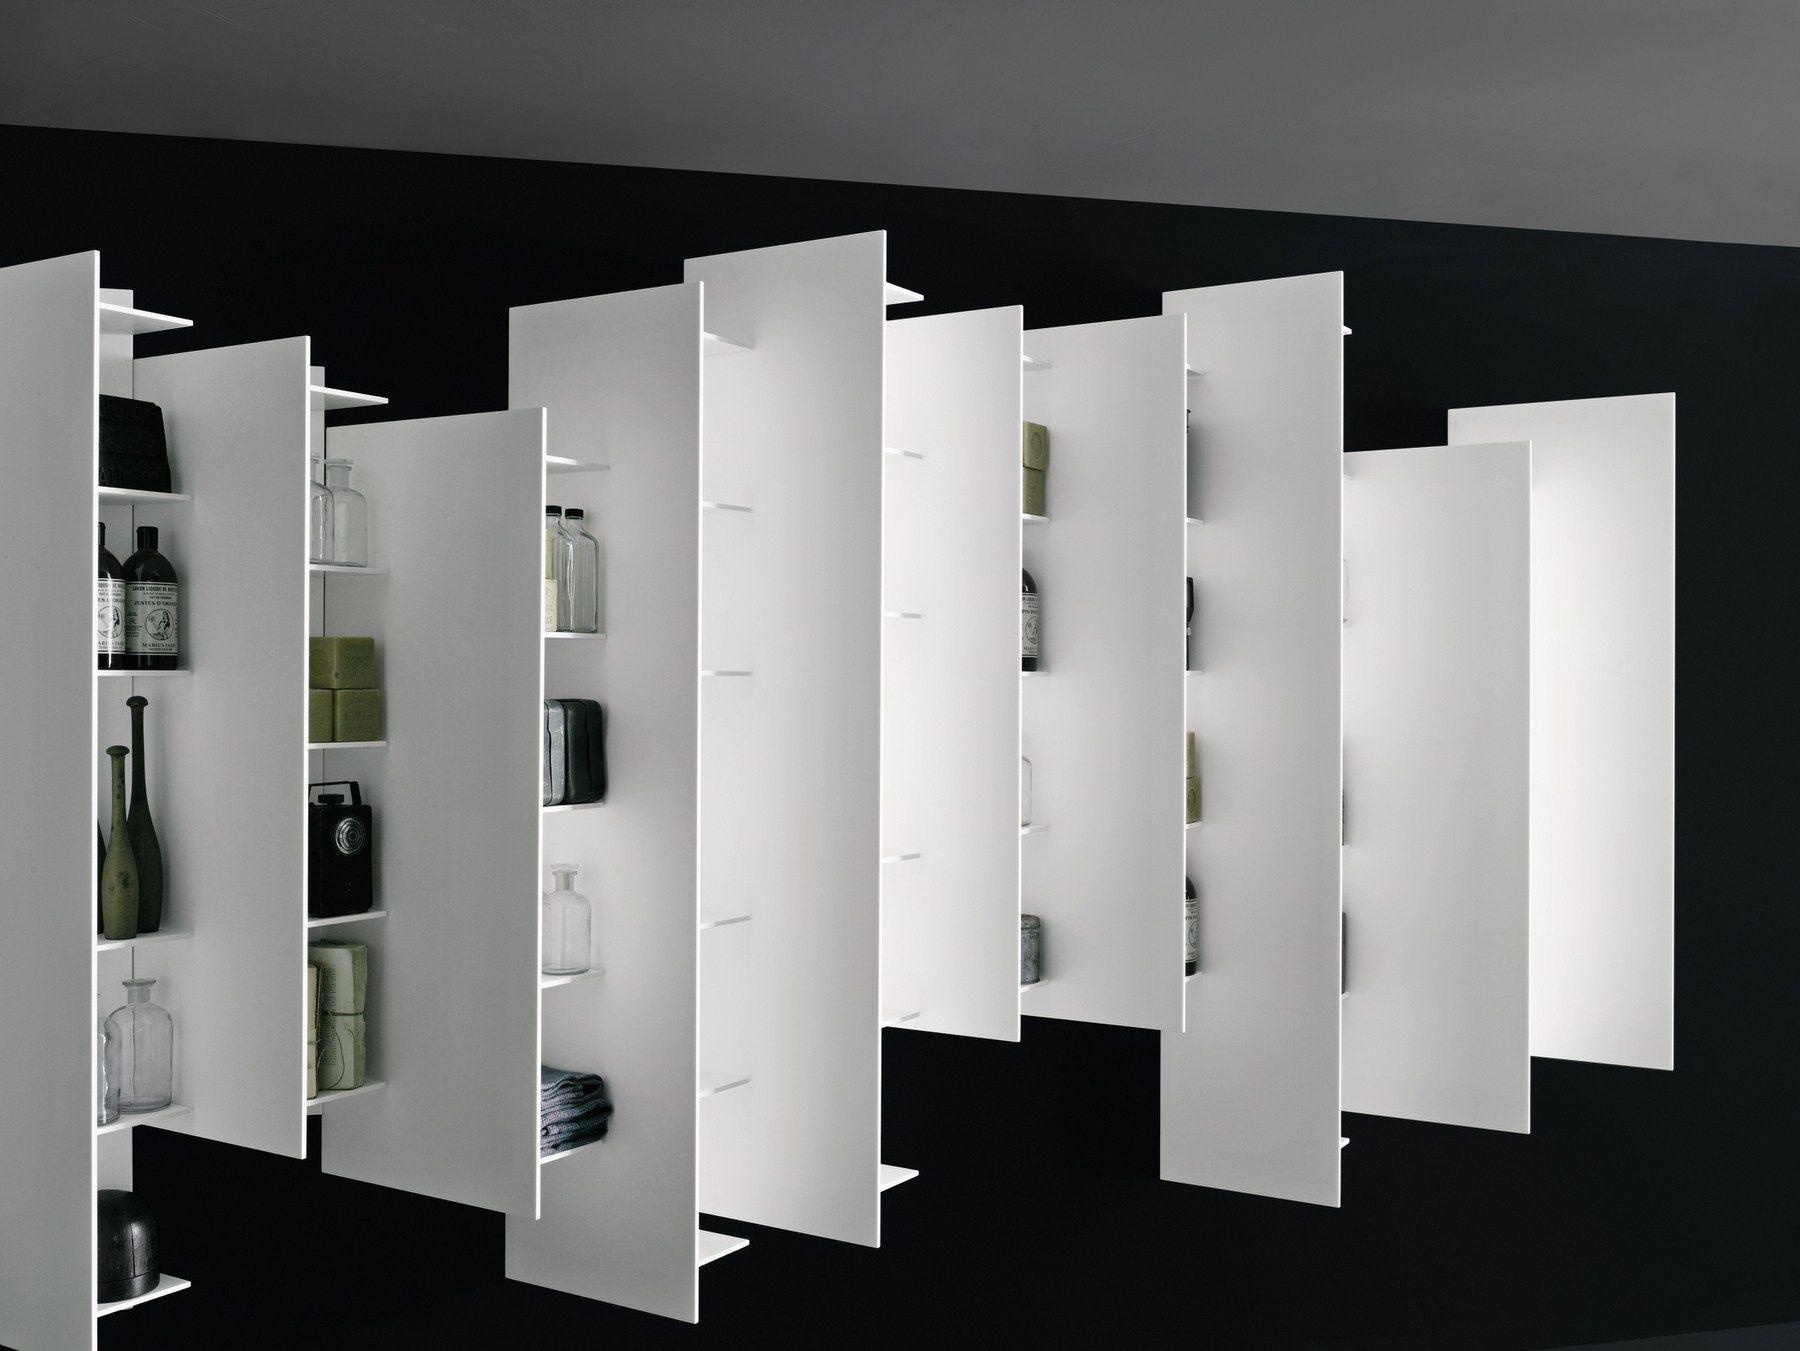 Tall bathroom cabinet CTLINE by Boffi | design Victor Vasilev ...